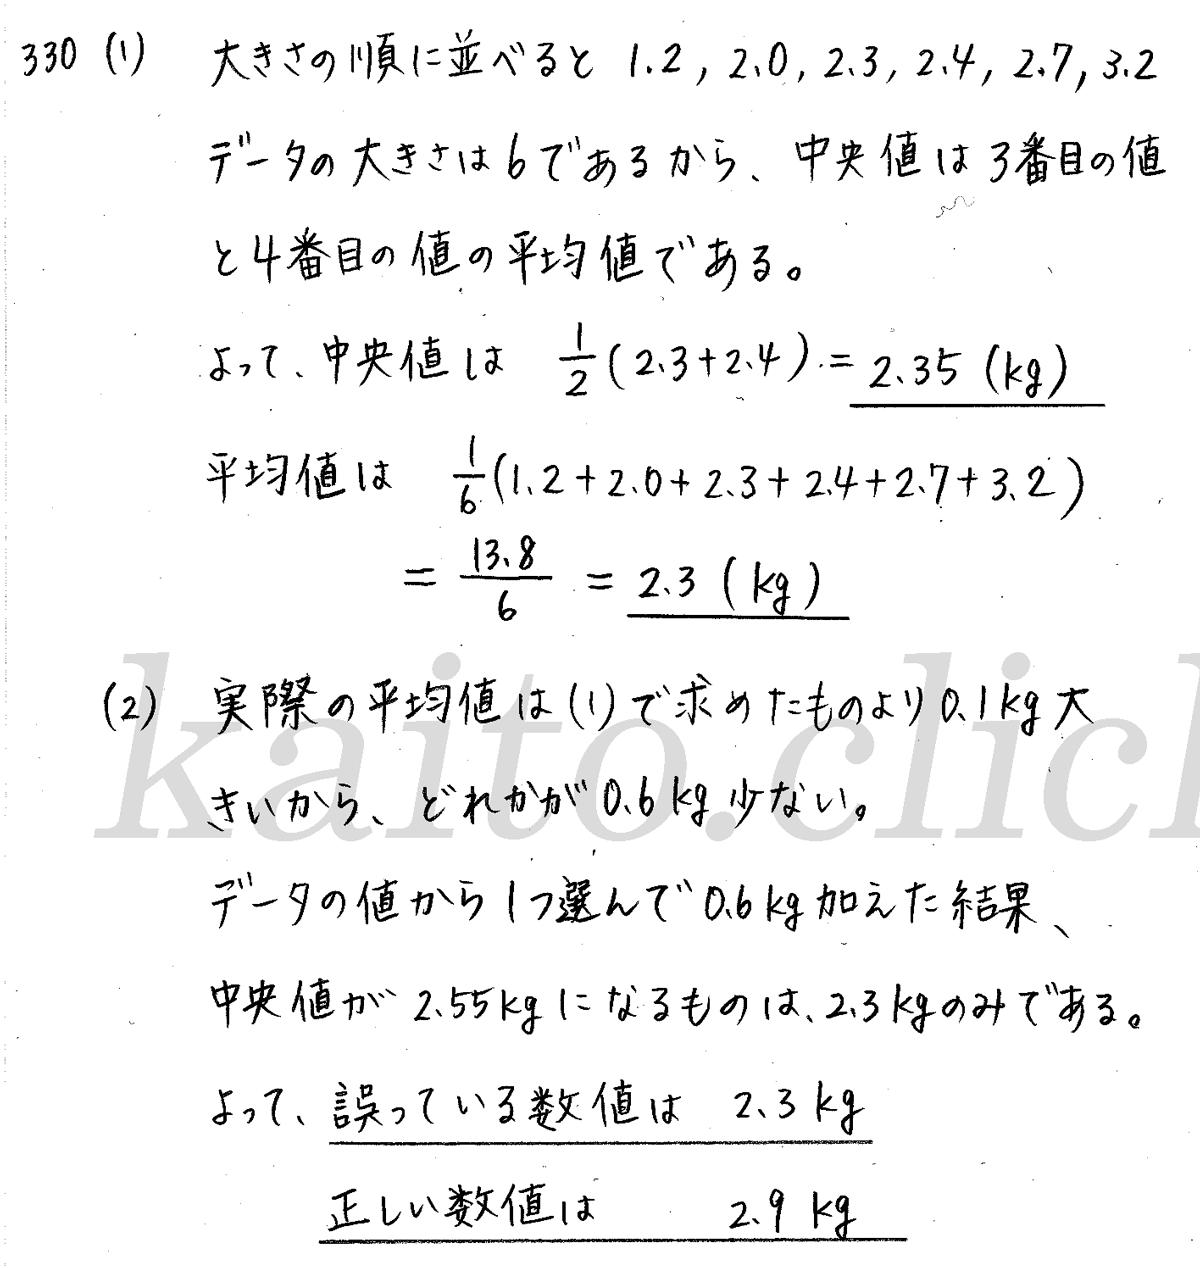 クリアー数学1-330解答